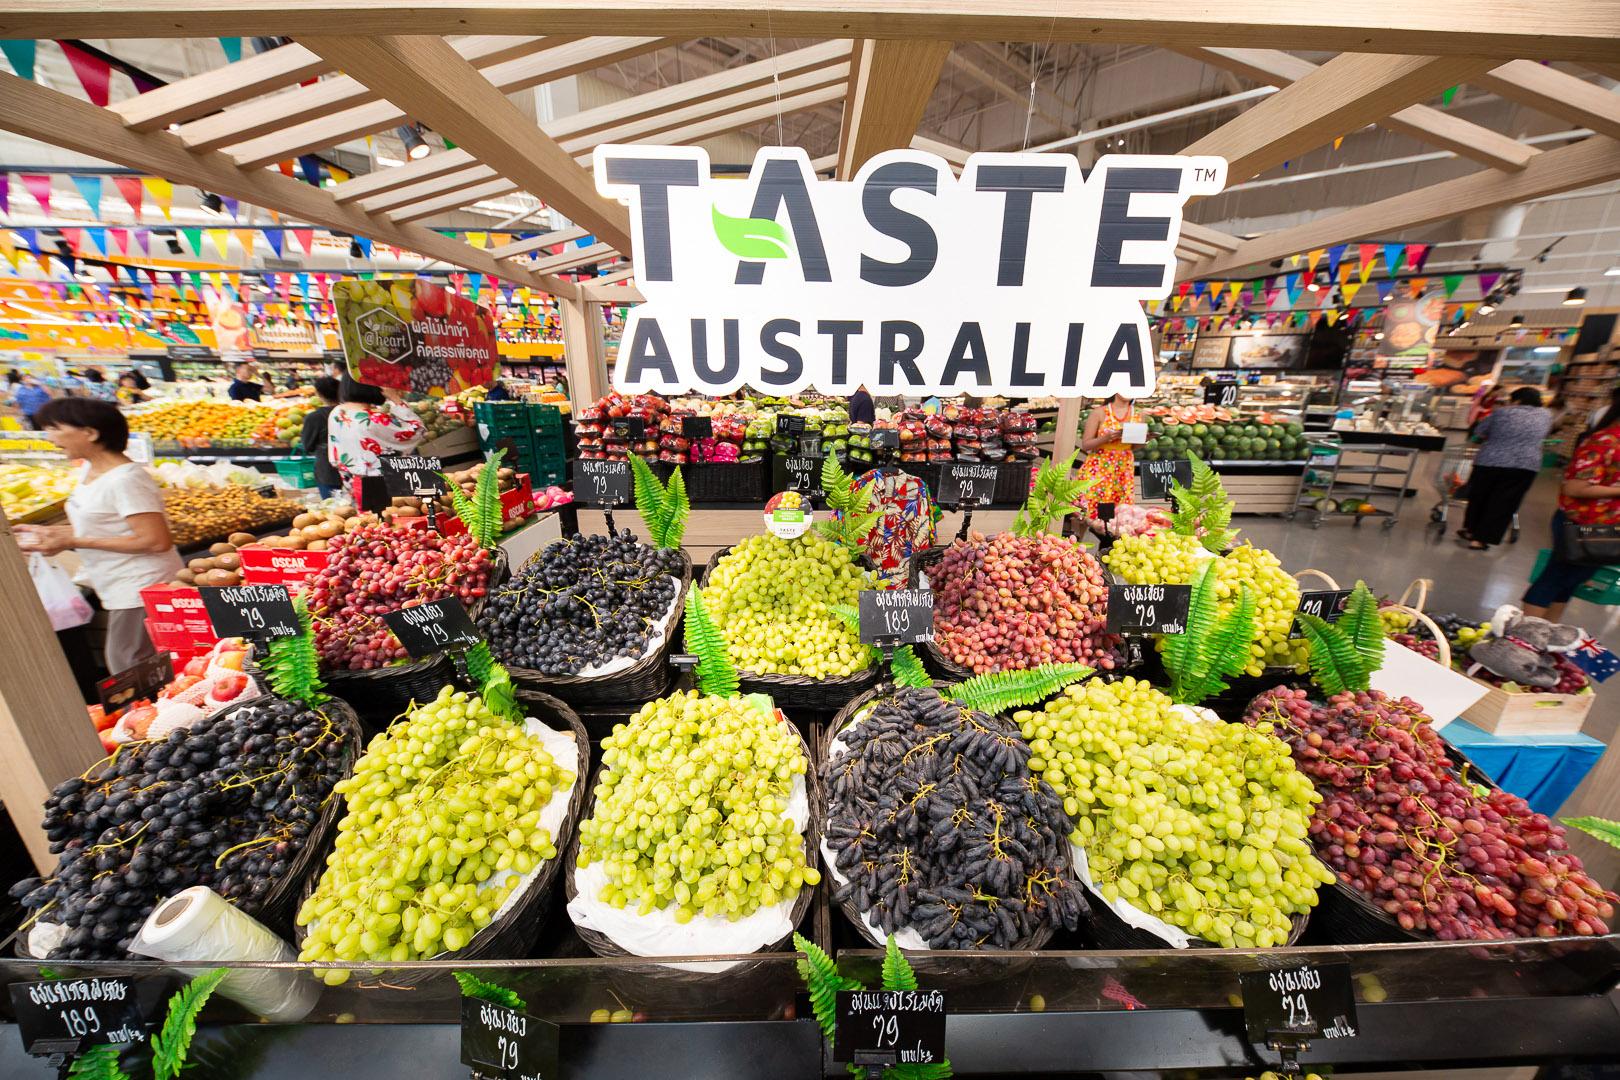 เทสโก้ โลตัส เปิดตัวเทศกาล Taste Australia ส่งตรงองุ่นไร้เมล็ดคุณภาพดีจากออสเตรเลีย เริ่มต้นกิโลกรัมละ 79 บาท สำนักพิมพ์แม่บ้าน